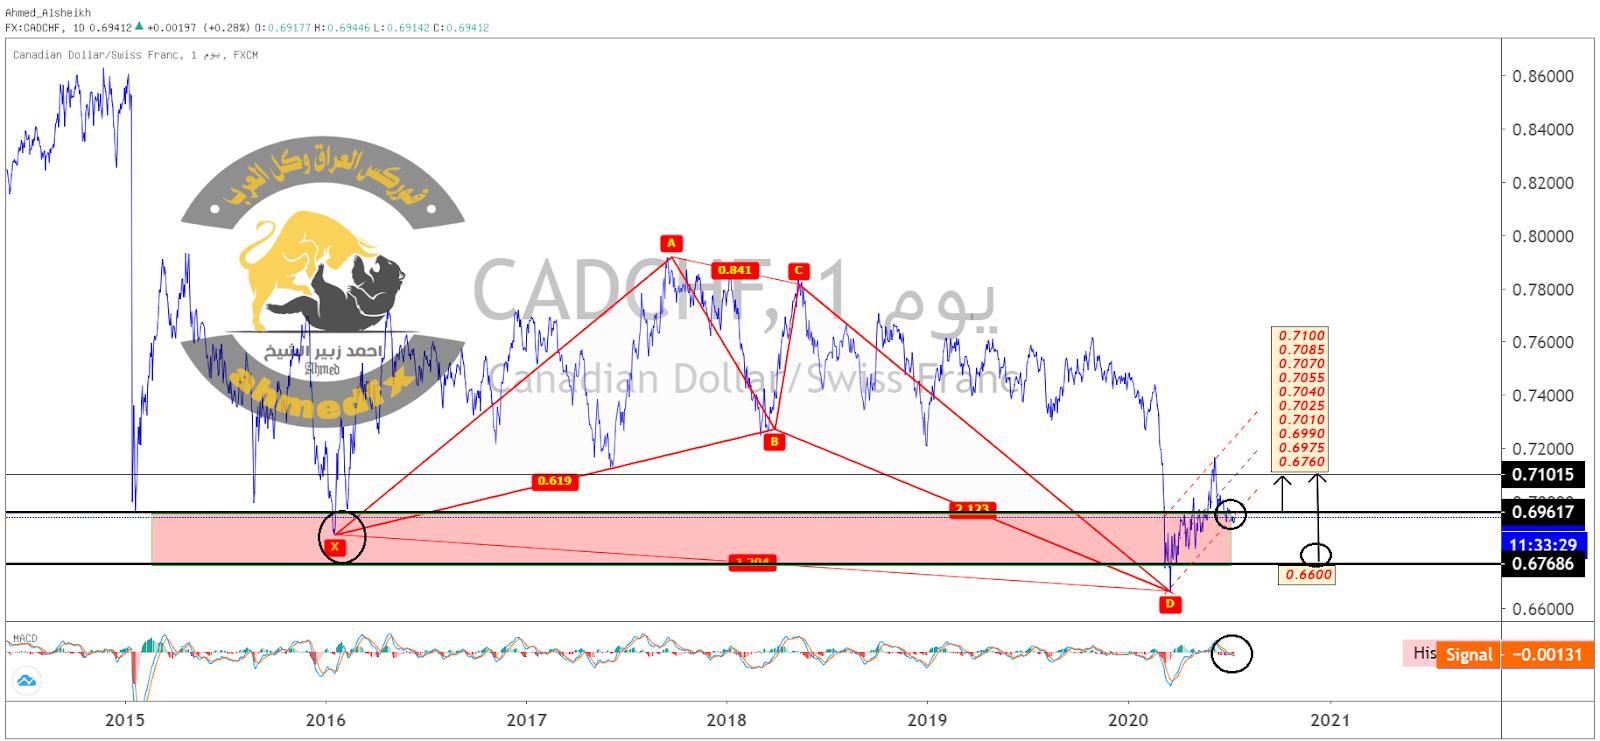 الدولار أمام الفرنك السويسري CAD CHF